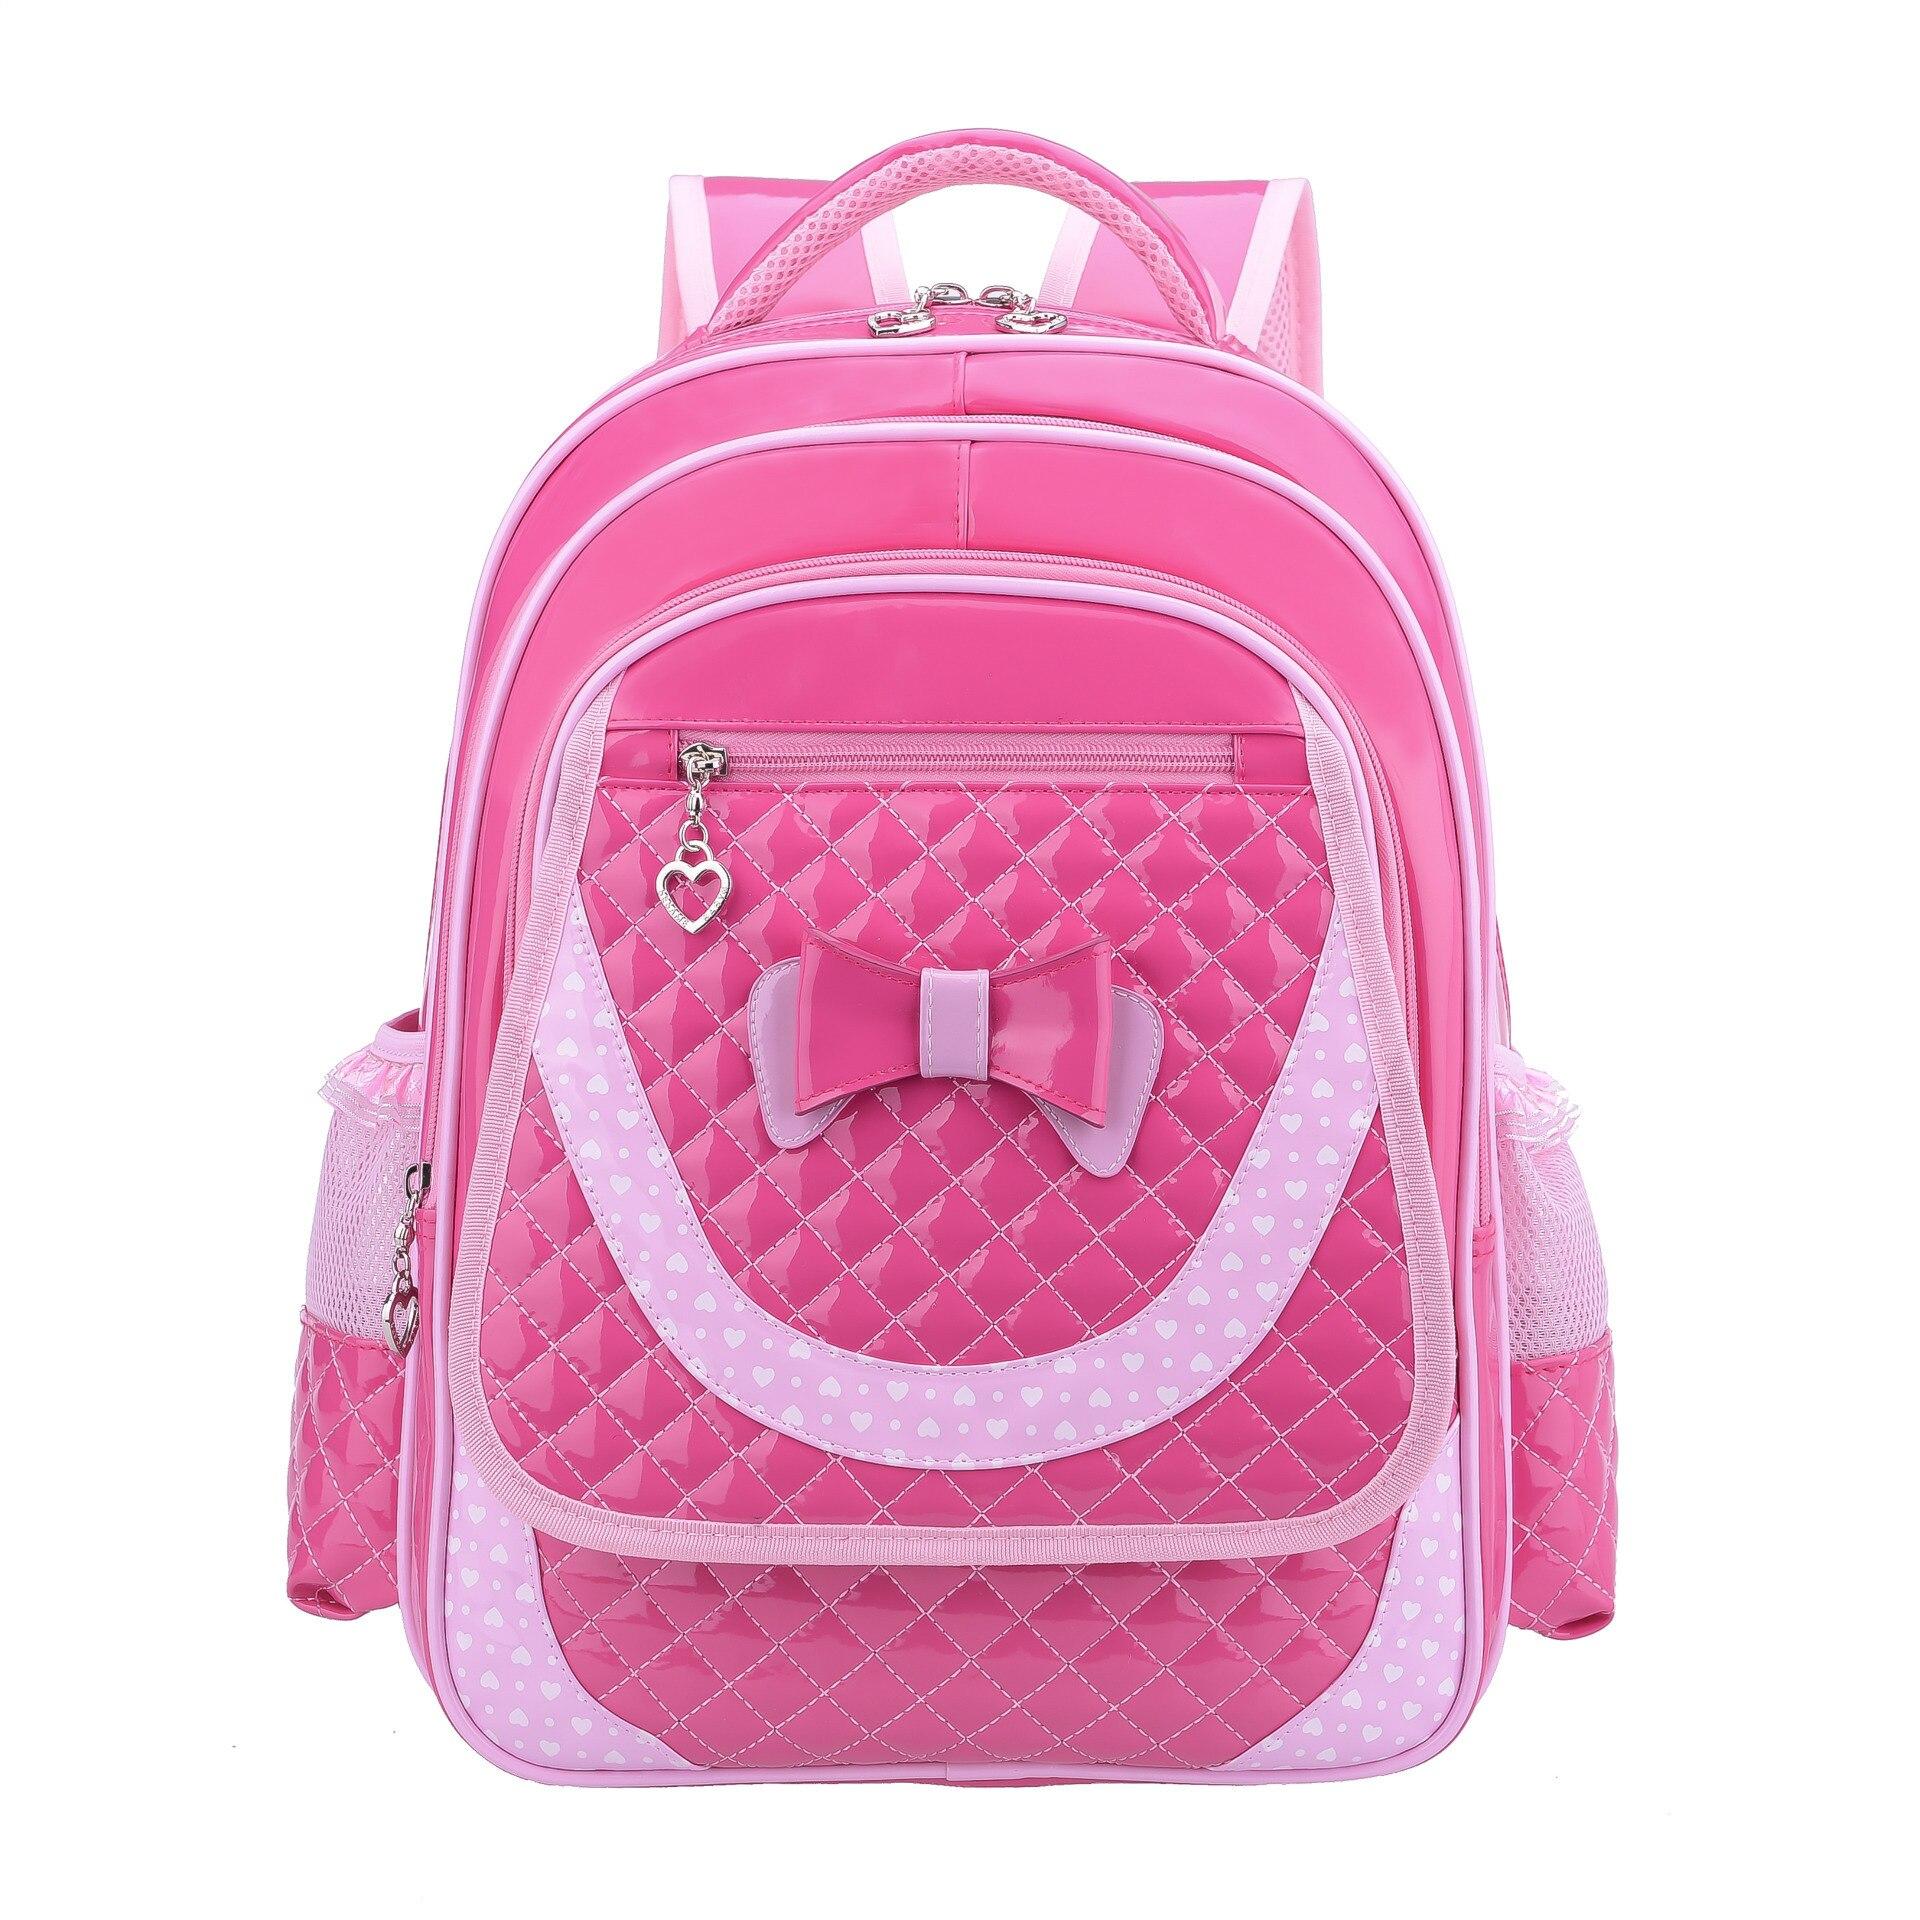 Дети Школьные ранцы Начальная школа рюкзак для девочек Бабай ортопедические школьный принцессы школьный рюкзак Mochila Infantil